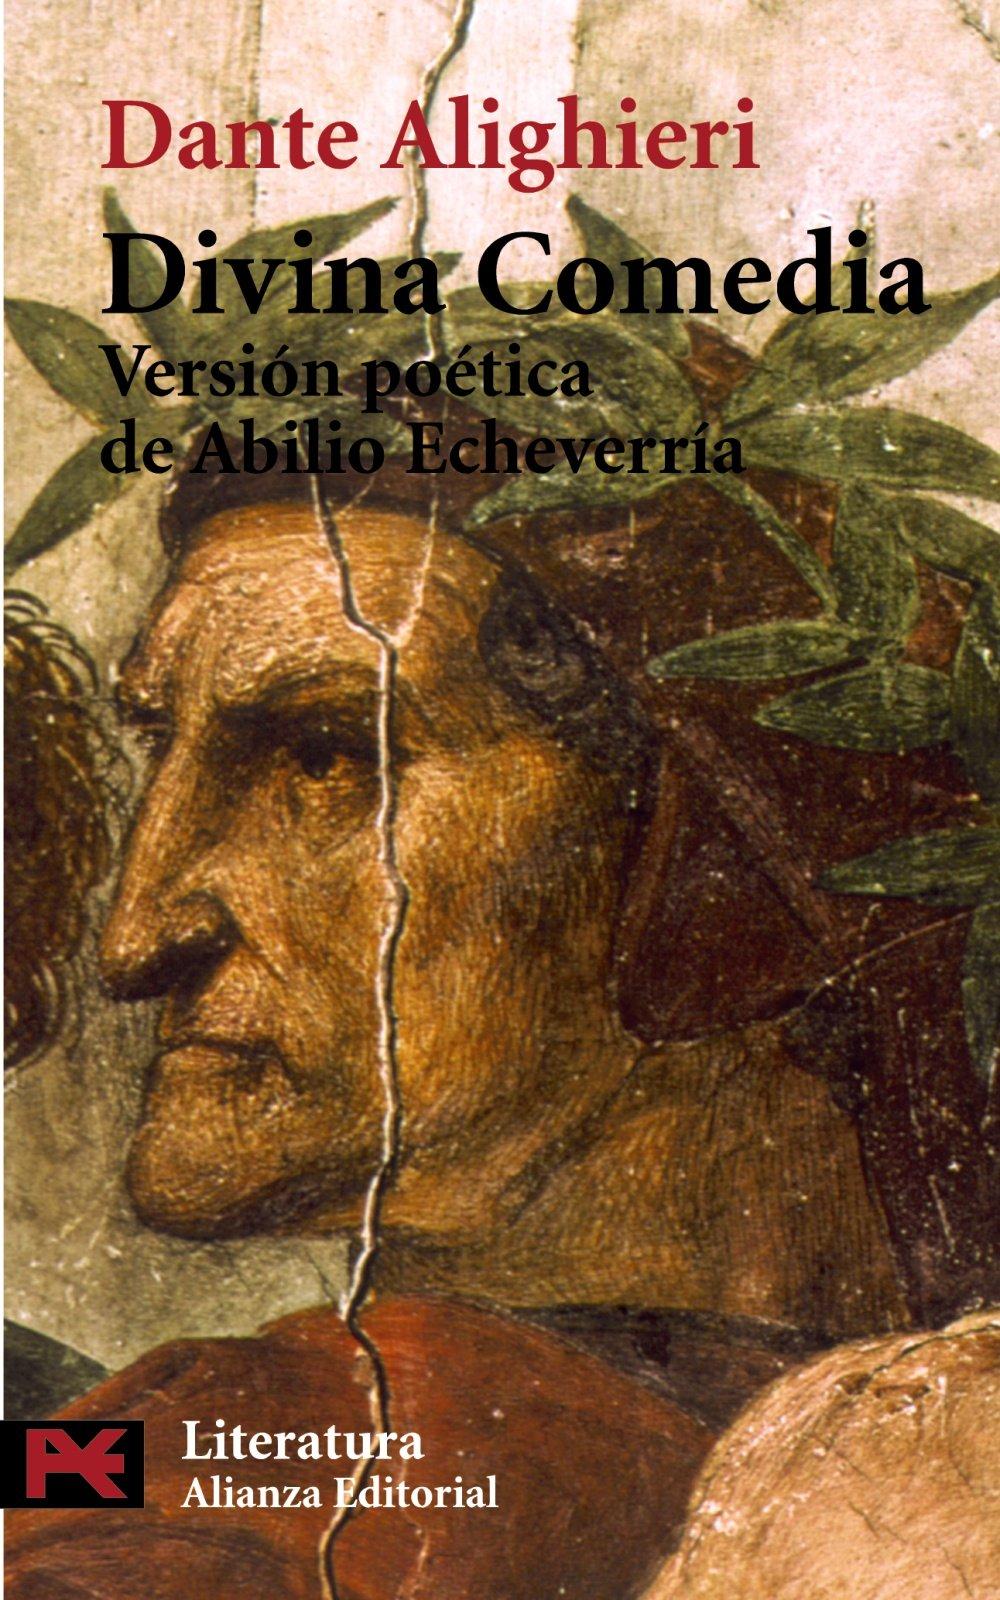 Divina Comedia (El Libro De Bolsillo - Literatura): Amazon.es: Dante Alighieri, Carlos Alvar Menéndez, Abilio Echeverría Pagola: Libros